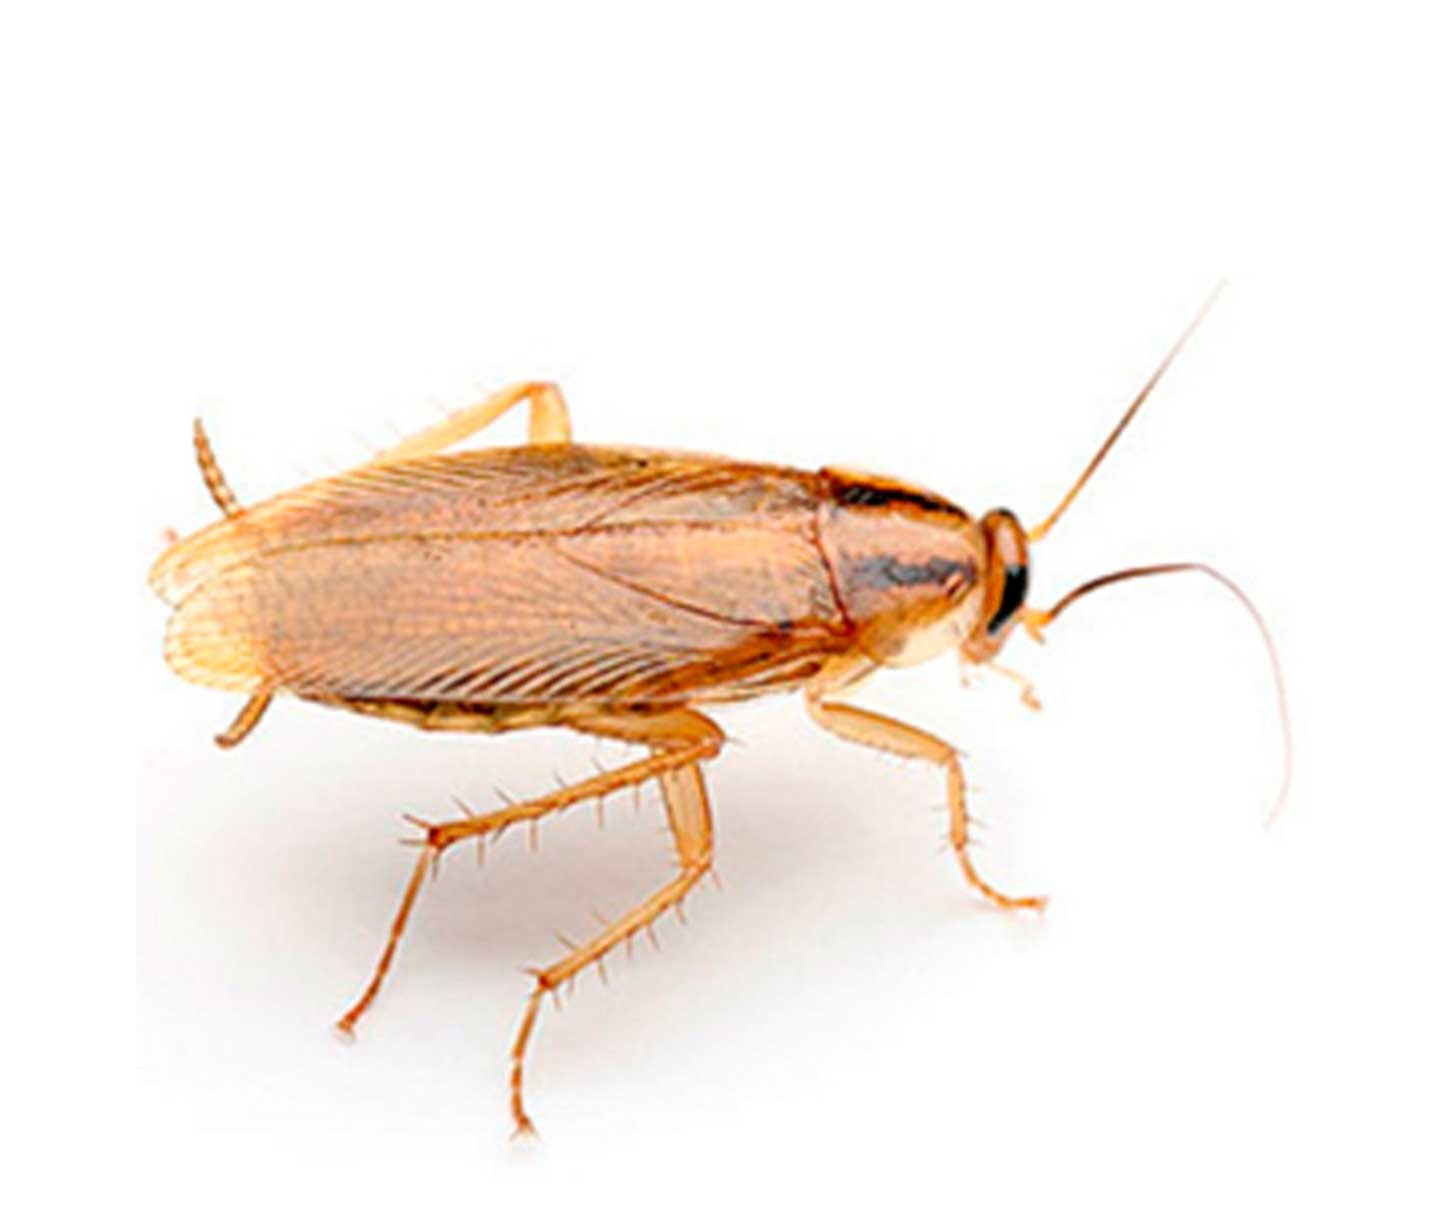 Cucaracha-germánica-rubia-o-cucaracha-rubia4